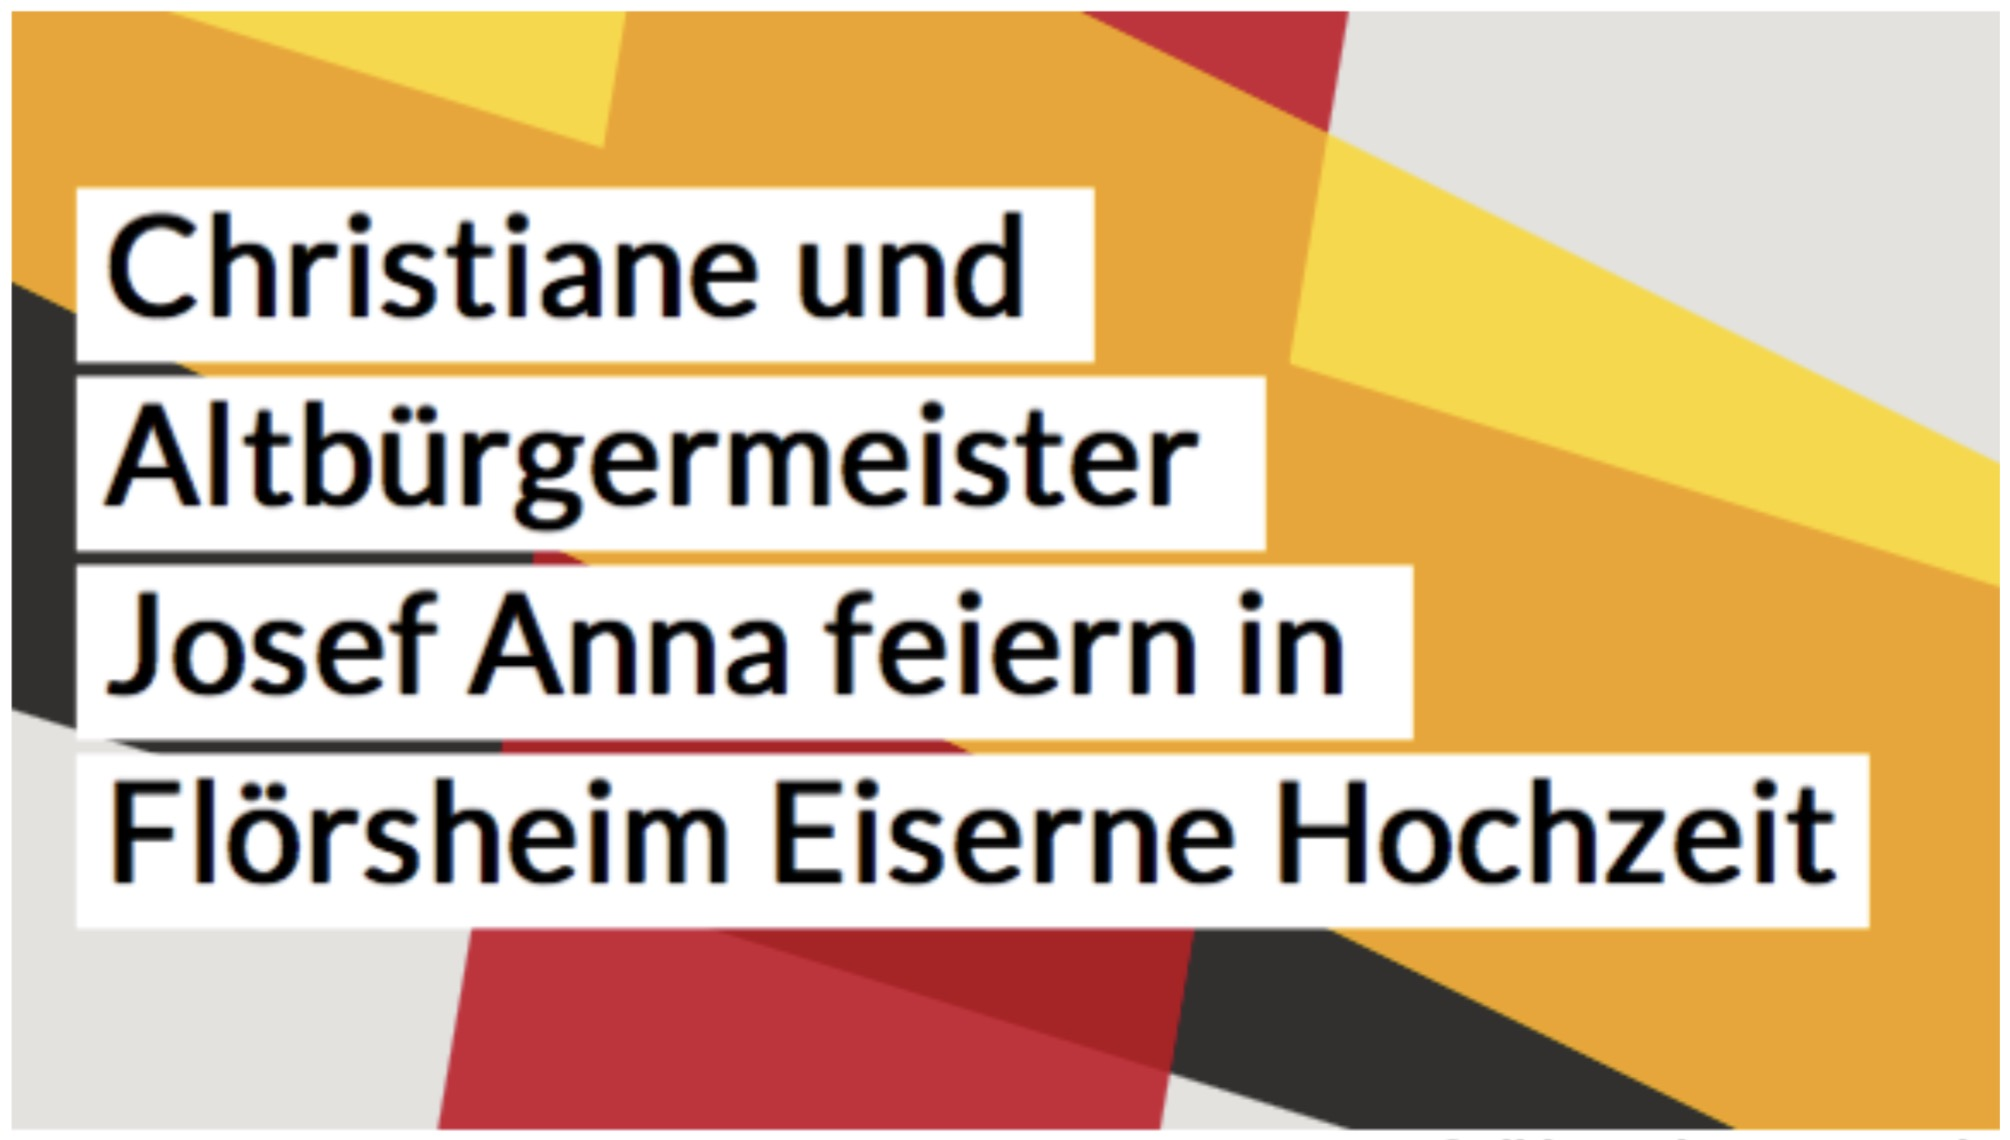 Christiane und Altbürgermeister Josef Anna feiern in Flörsheim Eiserne Hochzeit